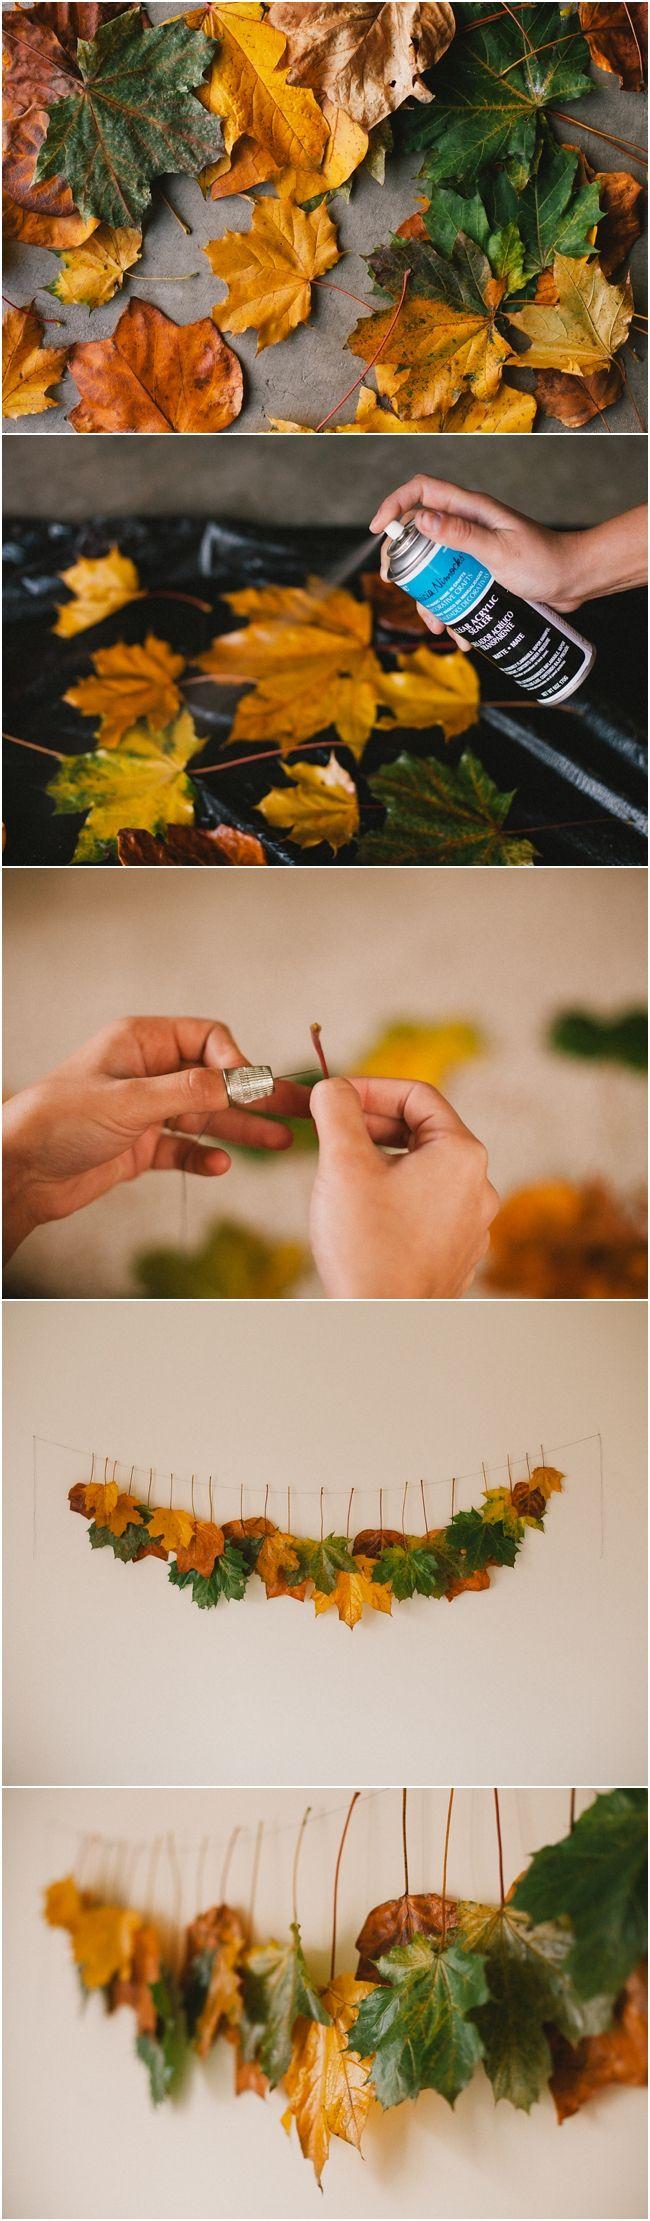 Декор осенними листьями - использование клея в декоре